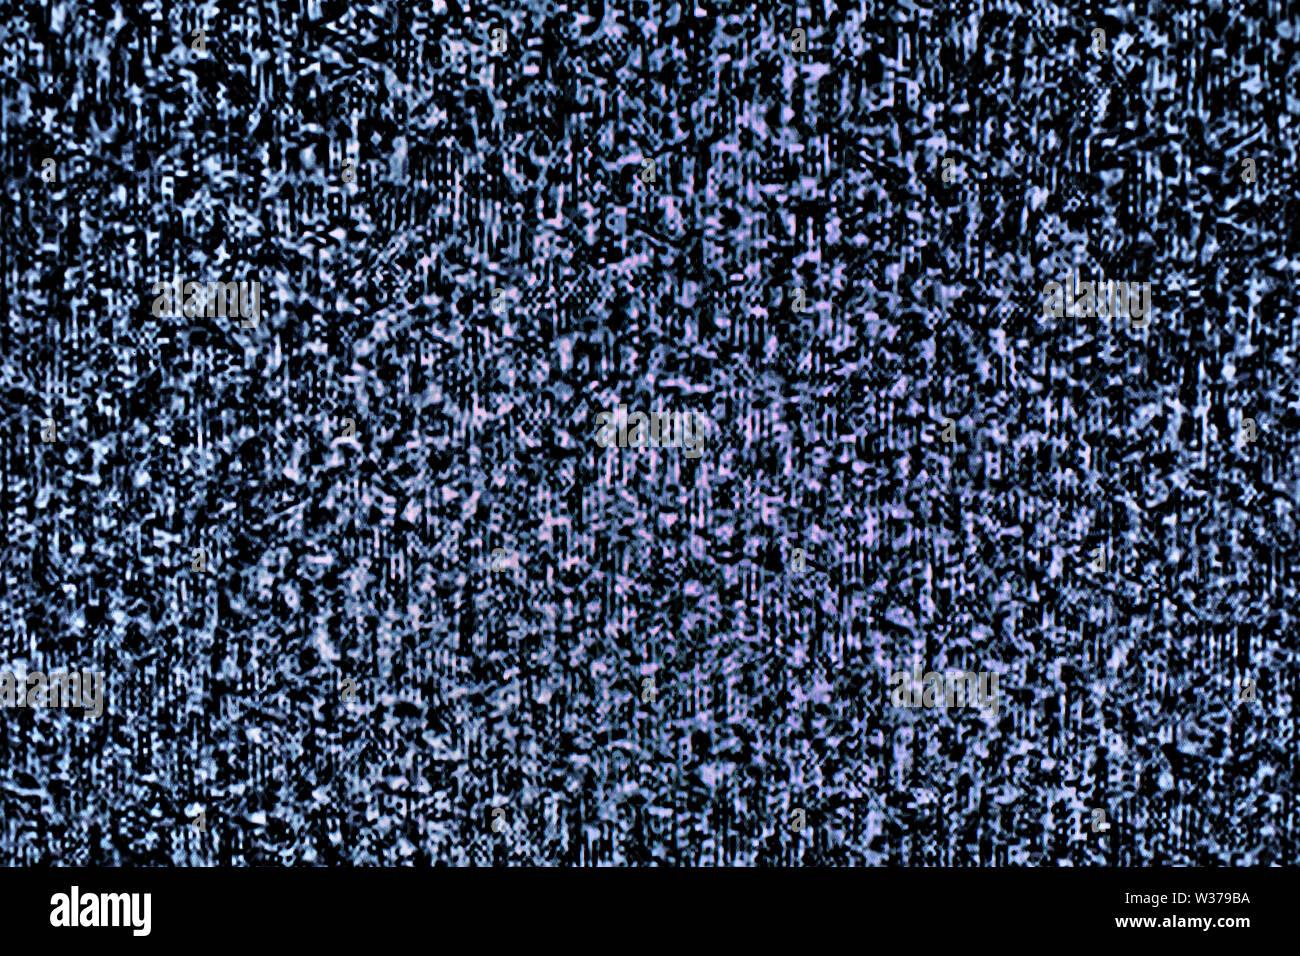 Tv No Signal Stock Photos & Tv No Signal Stock Images - Alamy